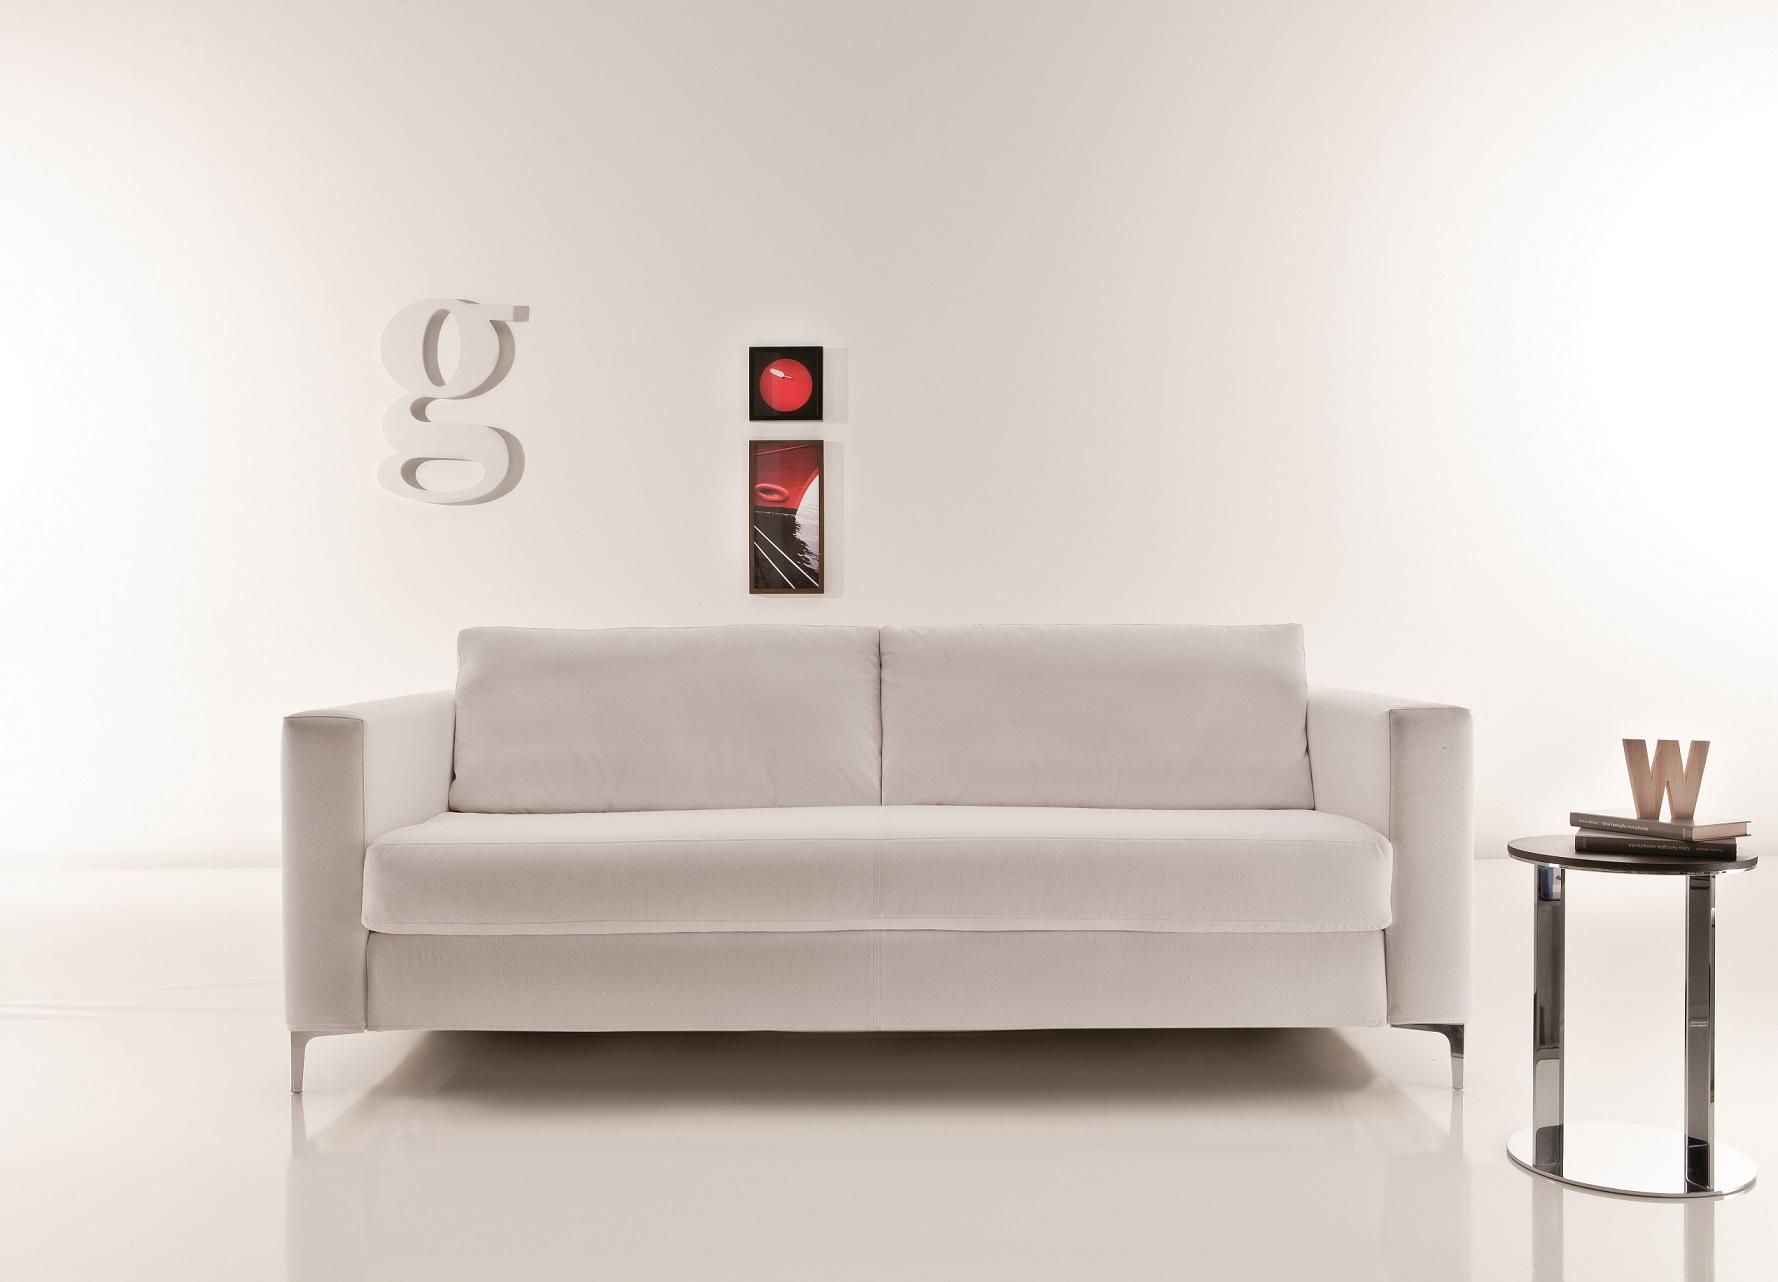 achetez votre canap lit happy vibieffe chez vestibule paris vibieffe. Black Bedroom Furniture Sets. Home Design Ideas